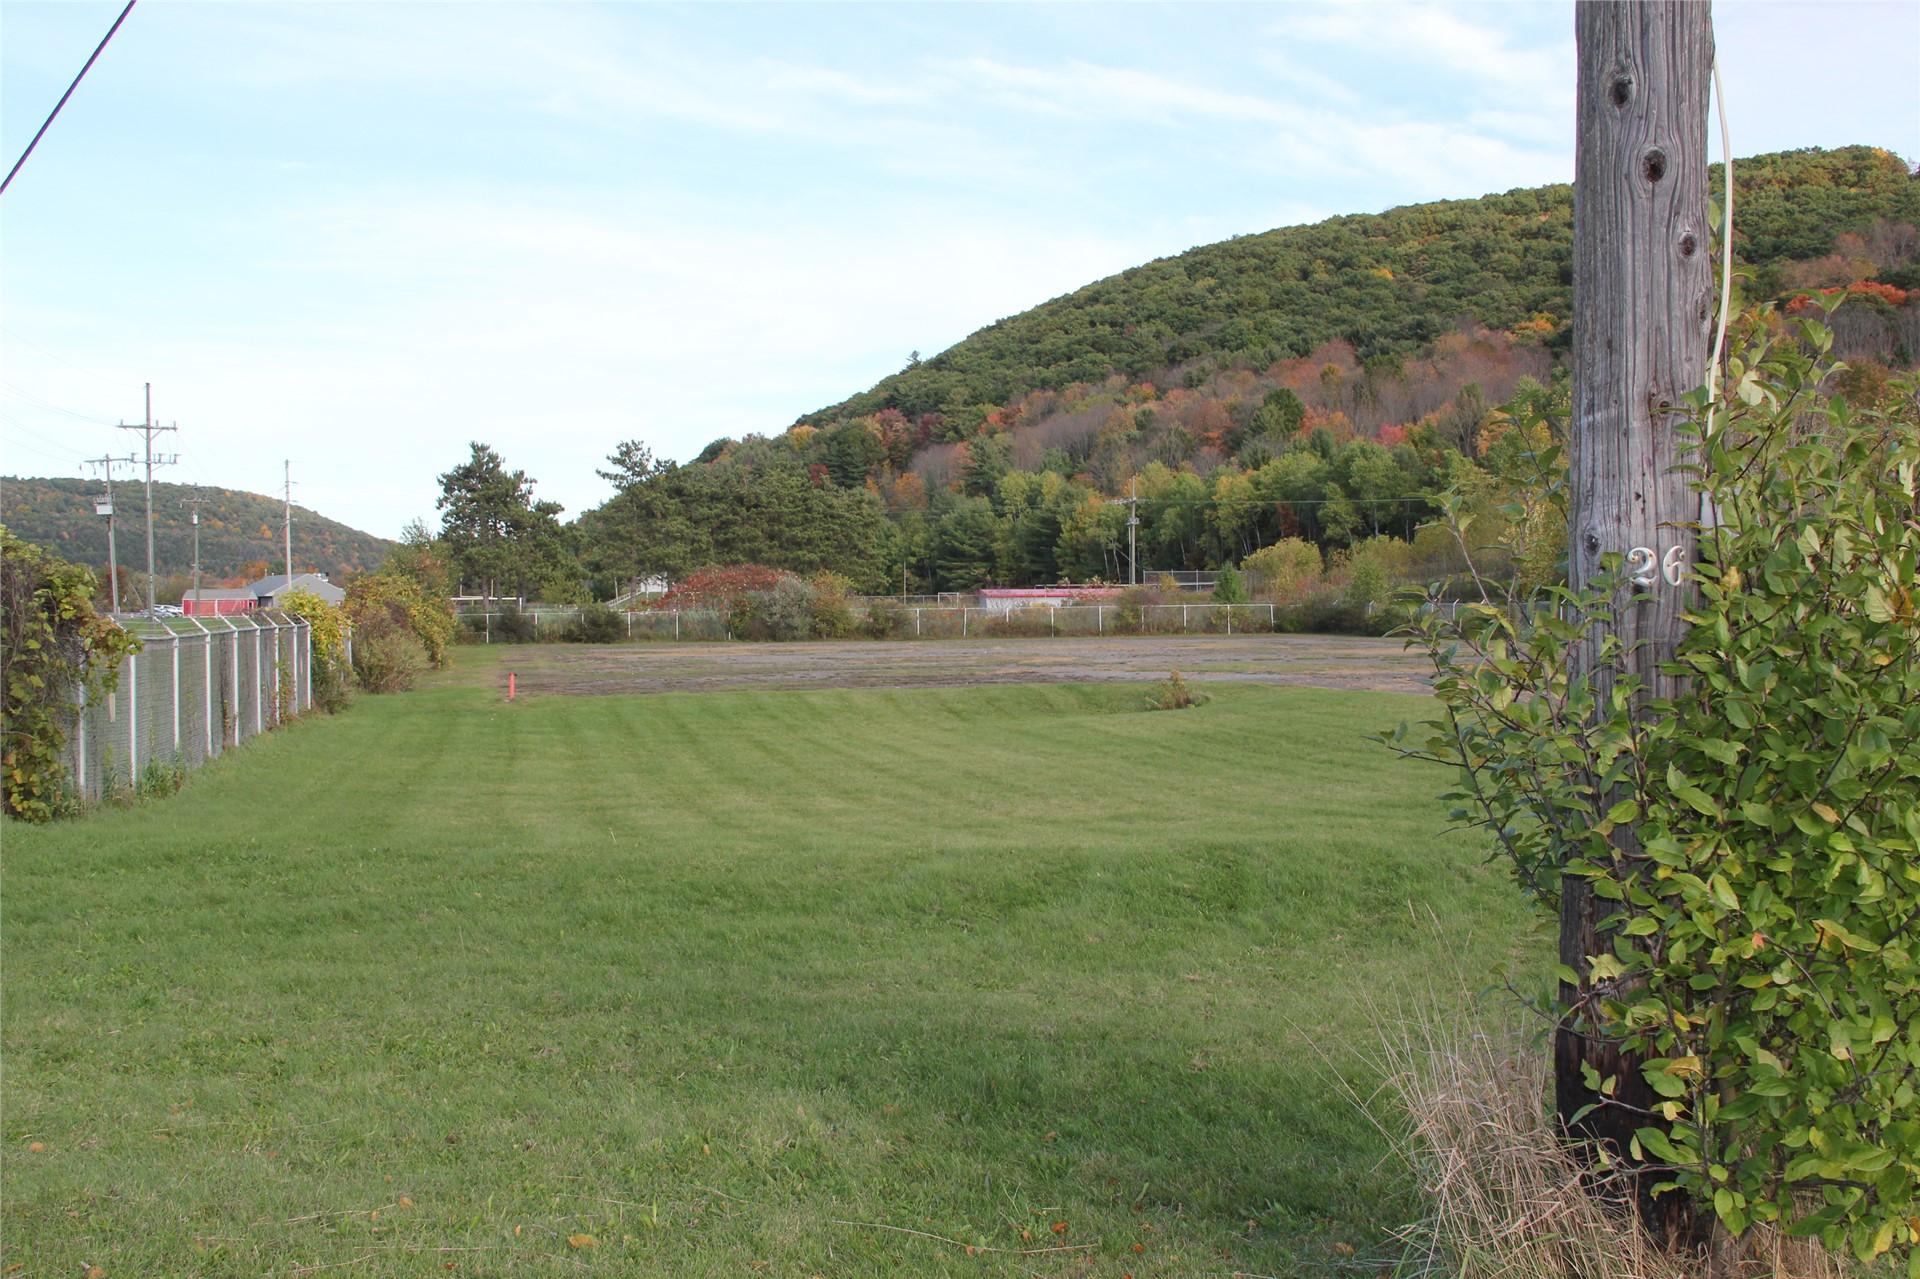 far away shot of hills outdoors